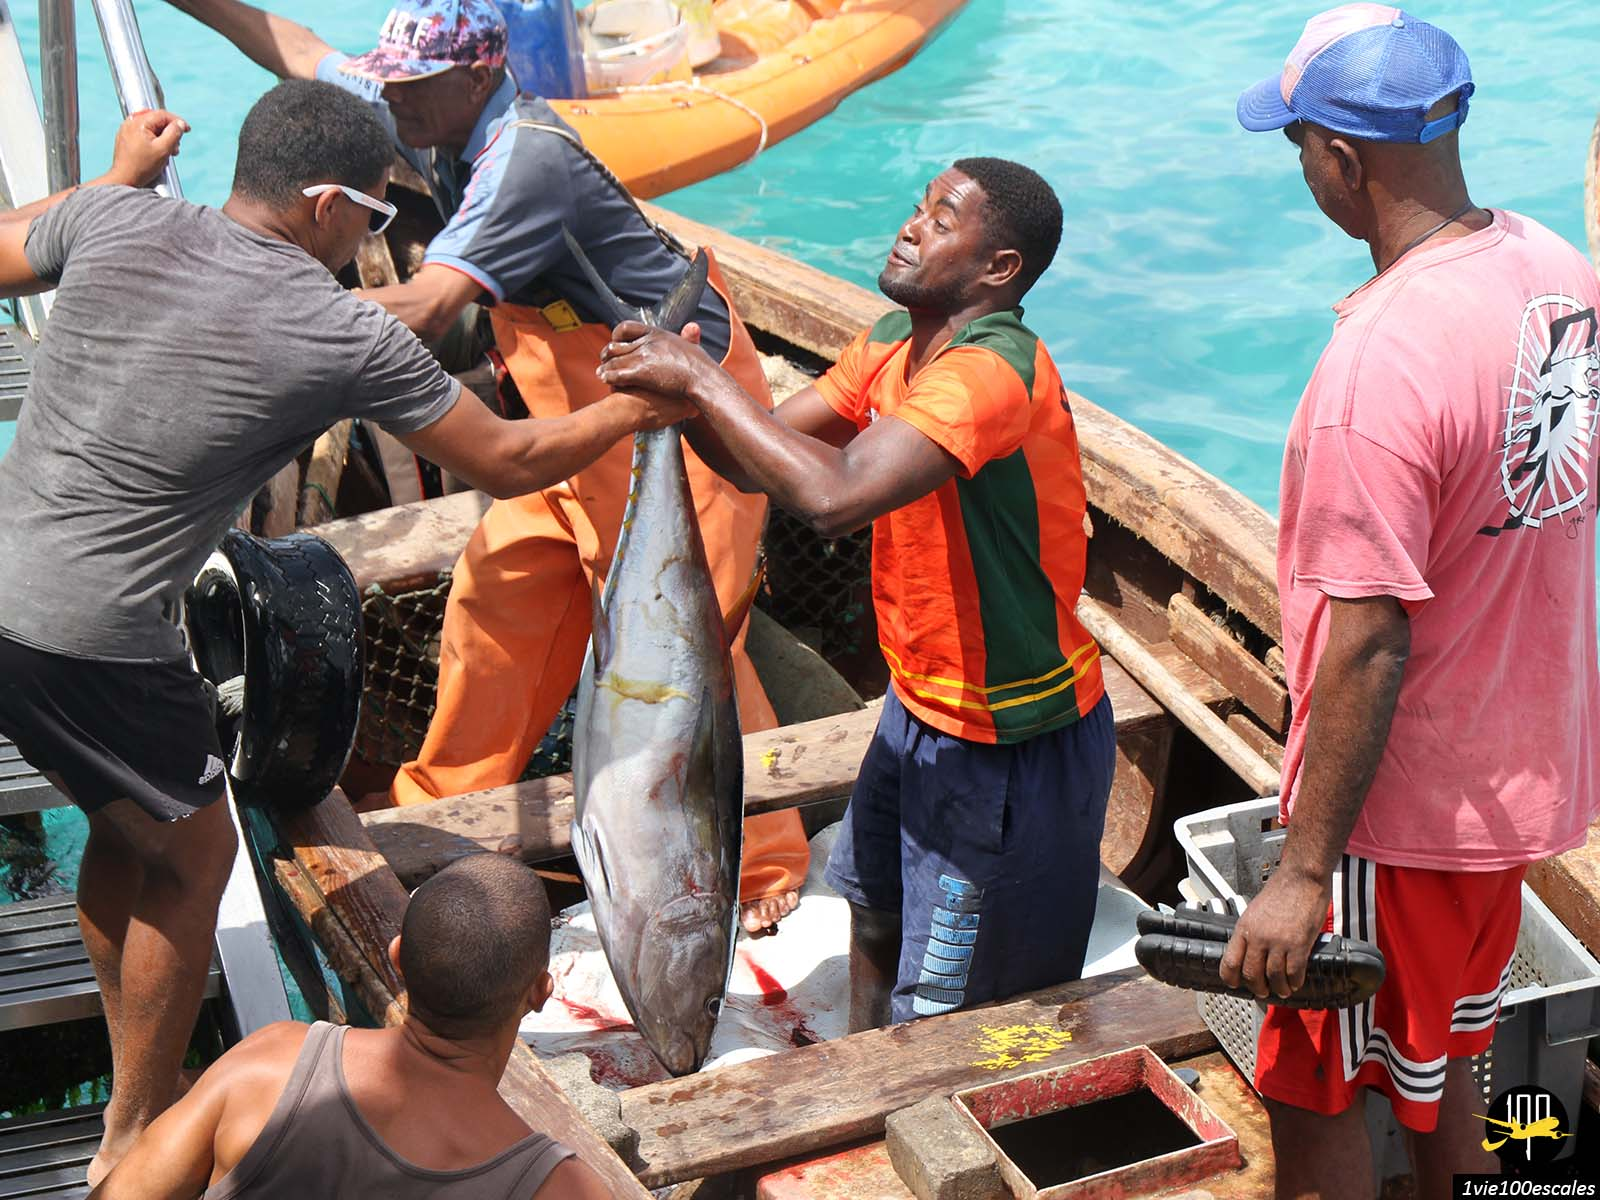 La sortie des gros poissons pêchés dans la matinée à Santa Maria sur l'île de Sal